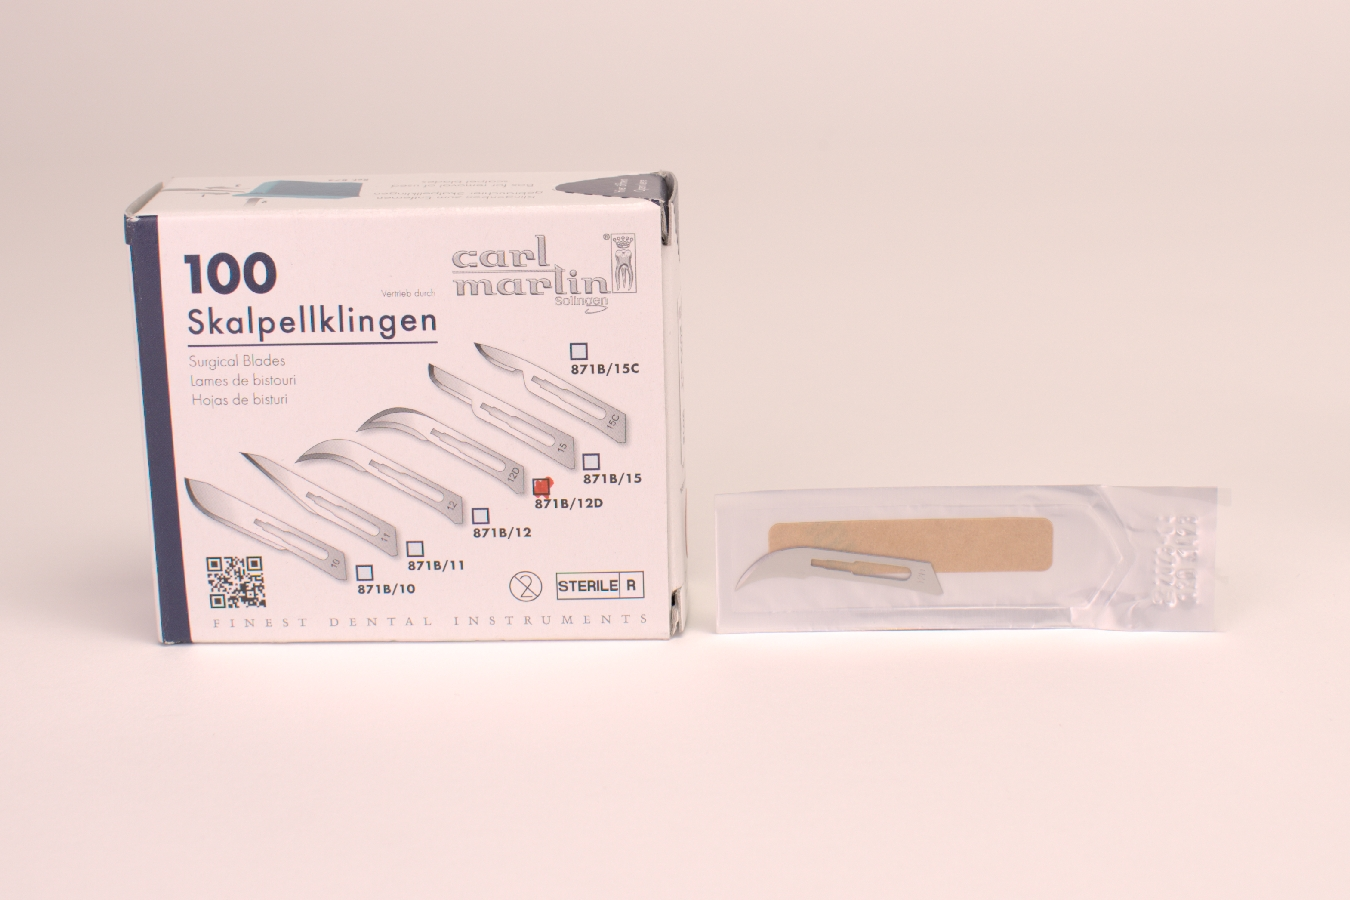 Skalpellklingen 871B/12D 100 Stück